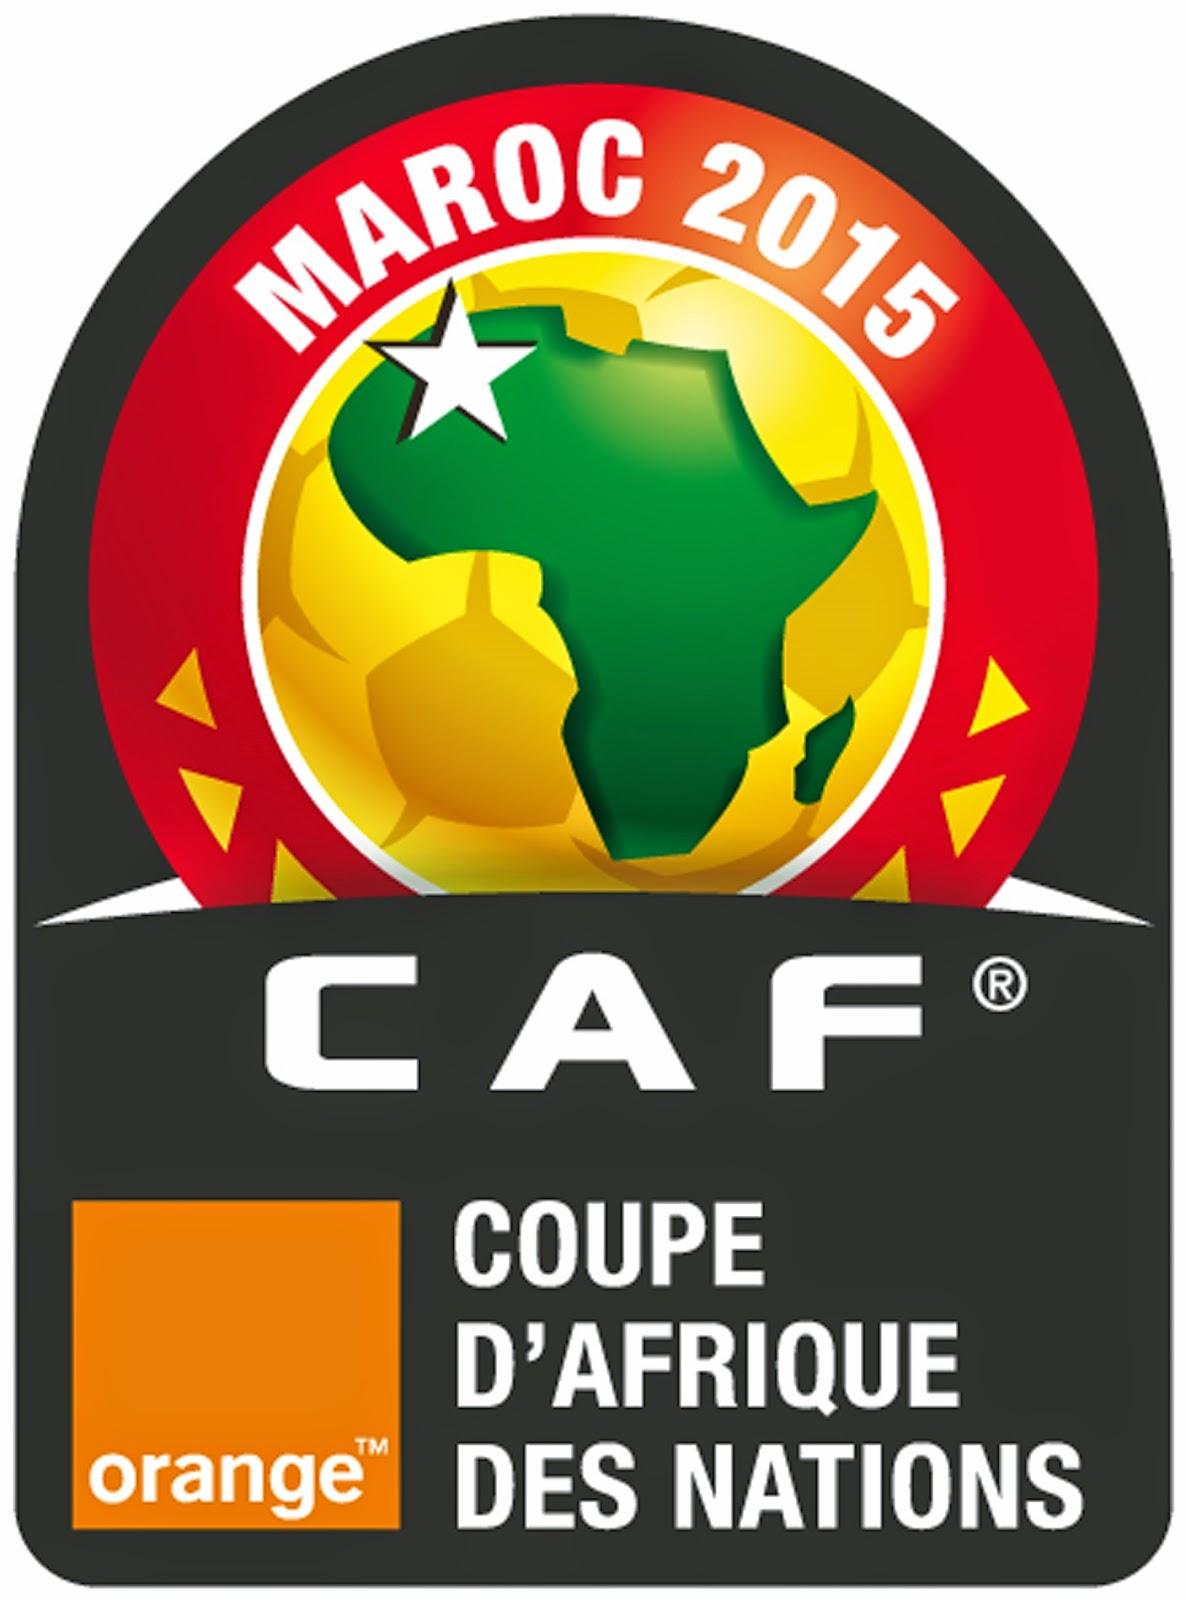 تردد القنوات المفتوحة لمشاهدة كأس امم افريقيا 2015 مجانا